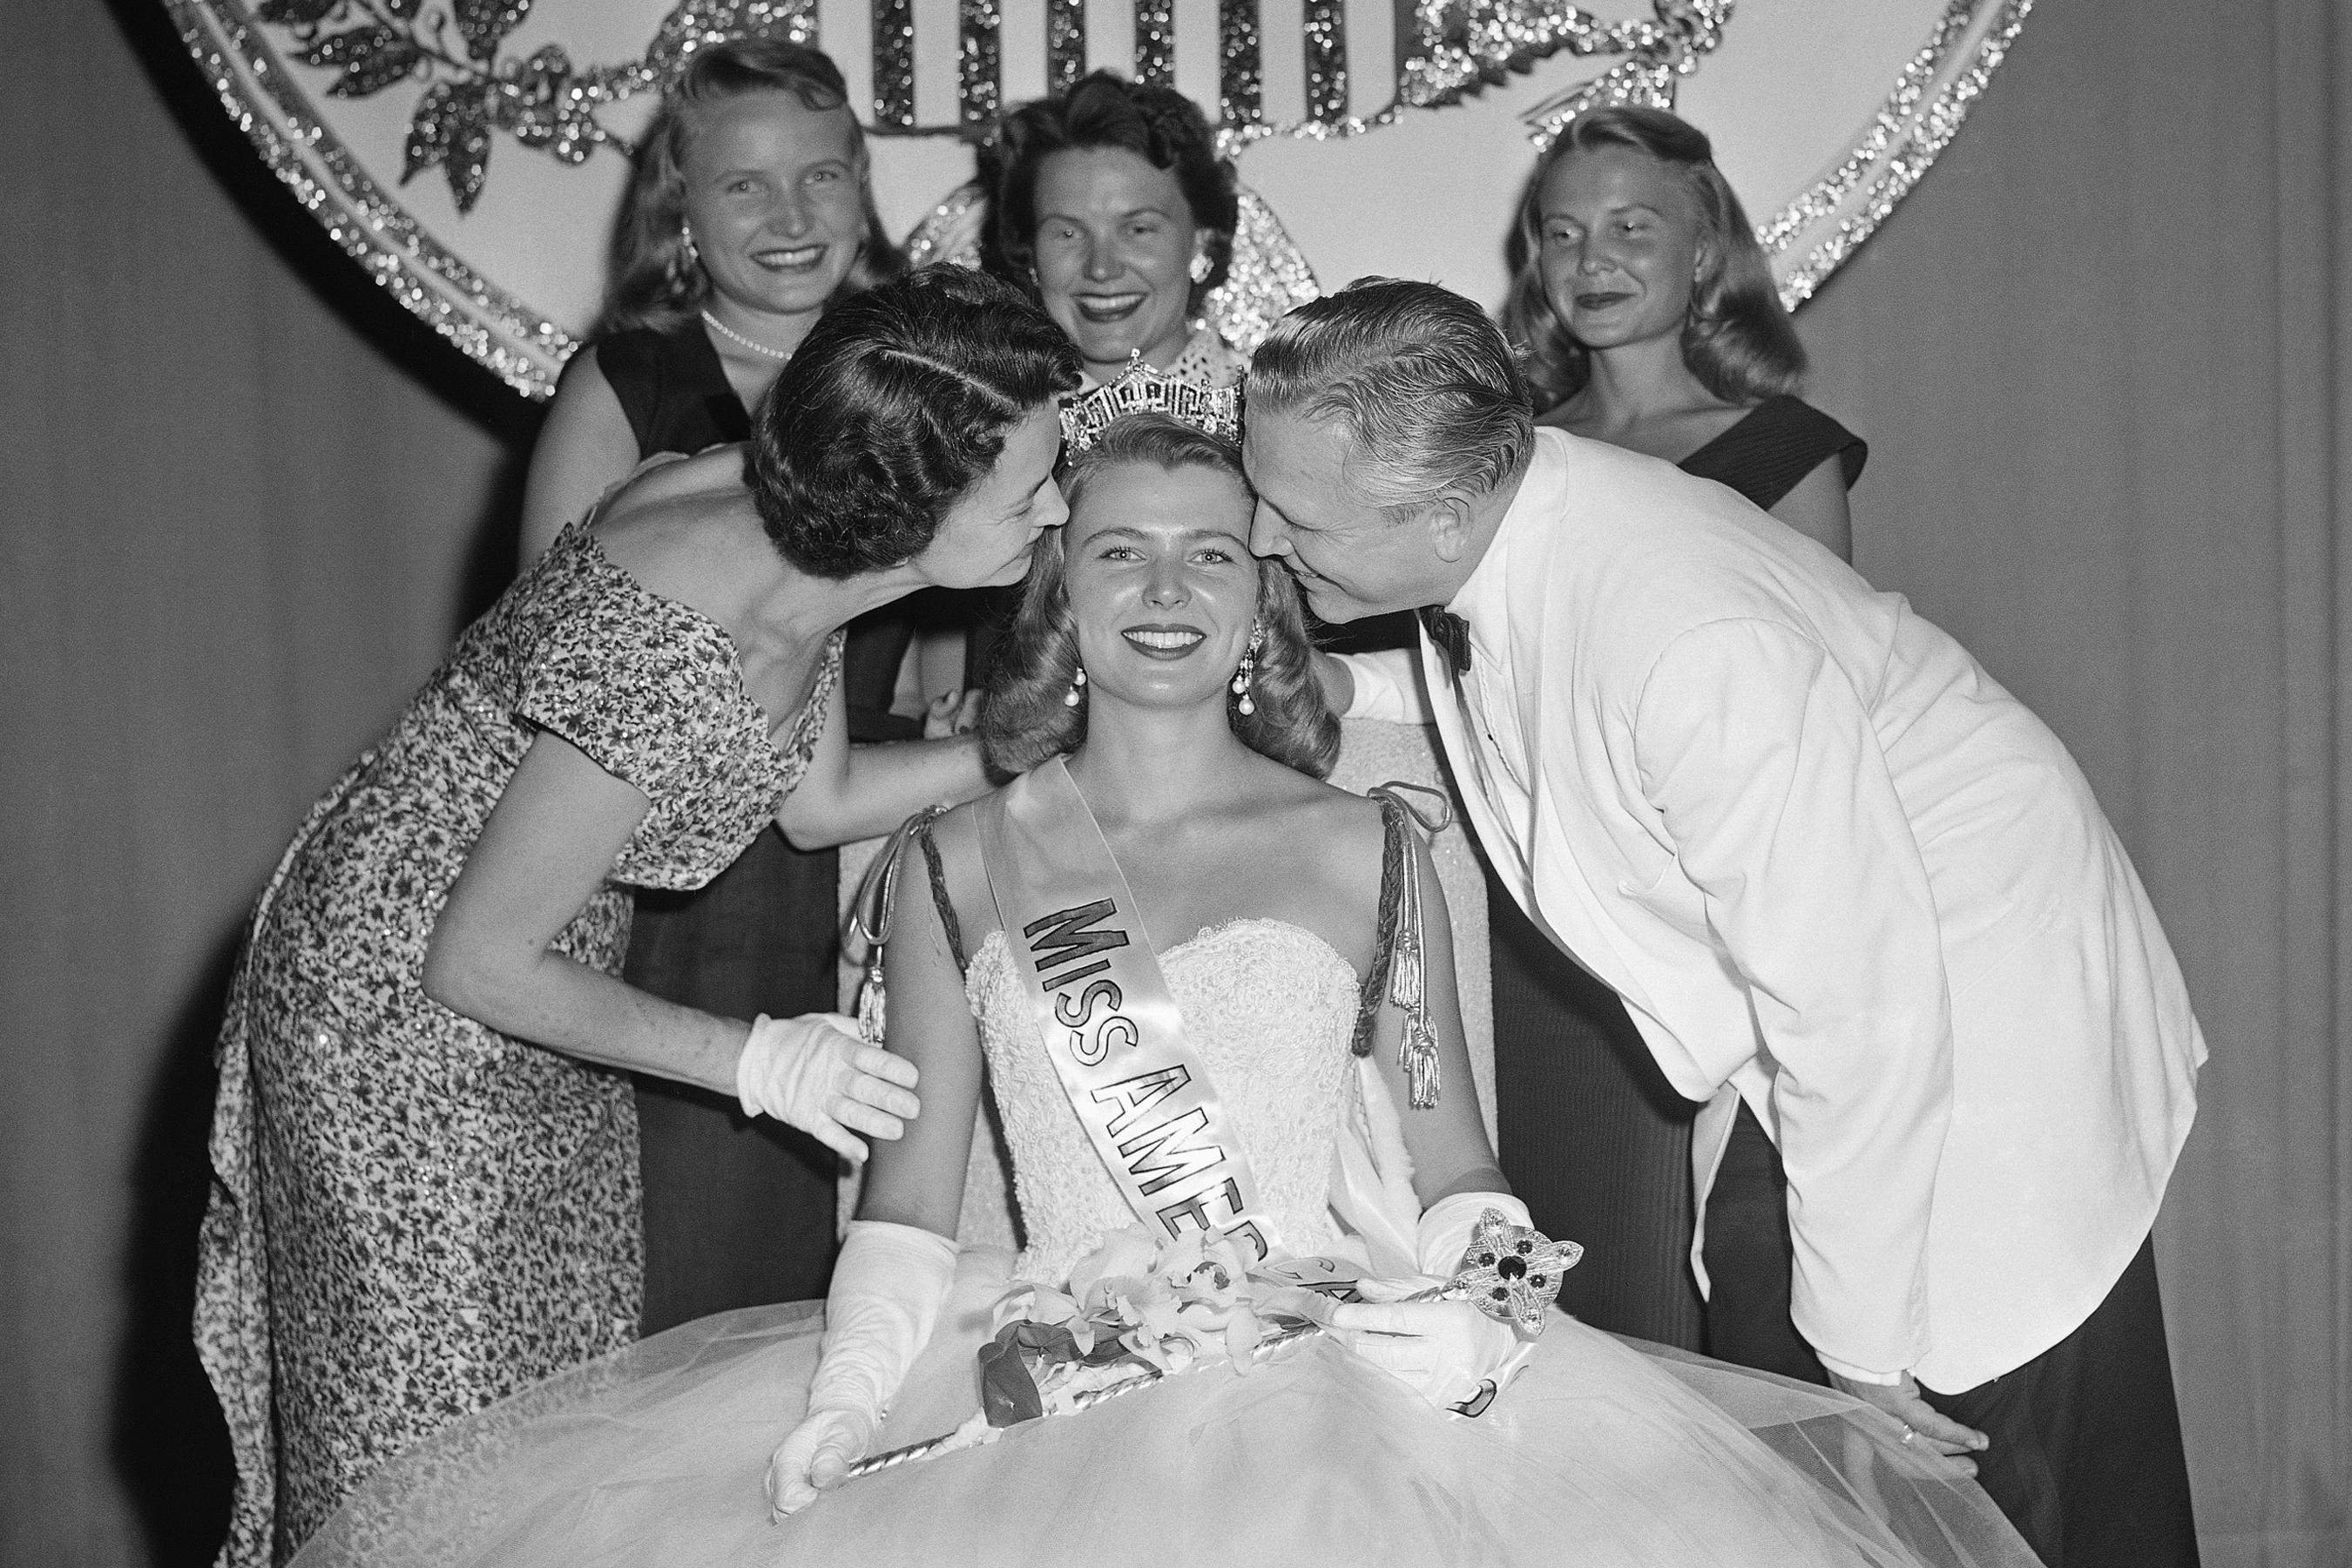 Marilyn Van Derbur, newly crowned Miss America of 1958, is shown with her family, Sept. 7, 1957, in Atlantic City, N.J.